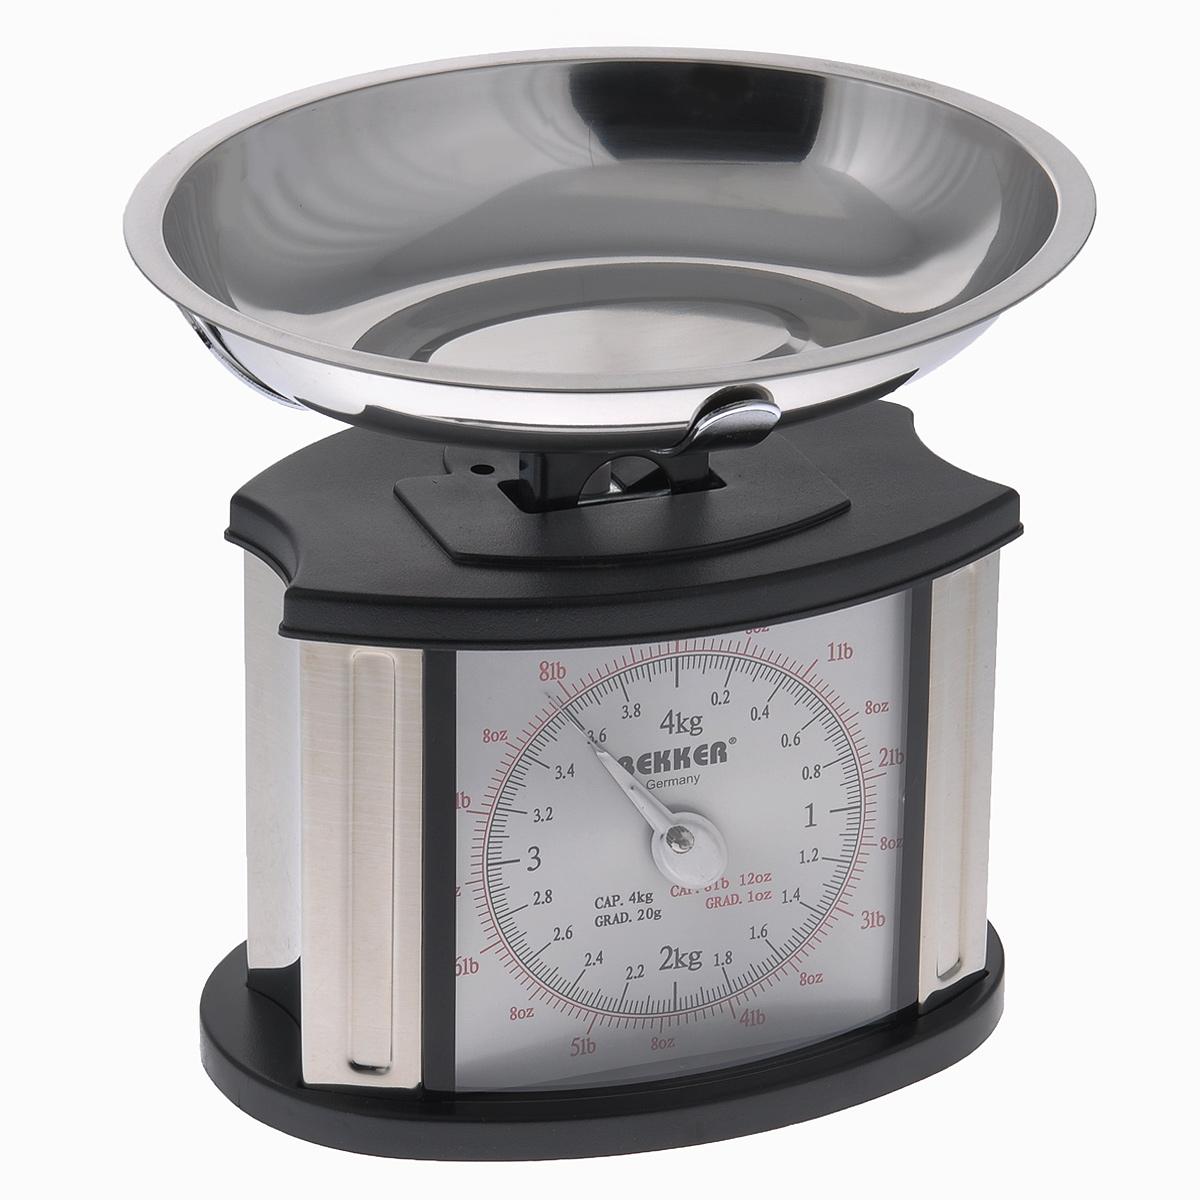 Весы кухонные механические Bekker Koch, до 4 кгBK-9106Механические кухонные весы Bekker Koch, выполненные из высокопрочного пластика и металла, с большой, хорошо читаемой шкалой и съемной чашей, придутся по душе каждой хозяйке и станут незаменимым аксессуаром на кухне. На шкале присутствуют несколько единиц измерения. Красная шкала обозначает унции и фунты, а черная - килограммы и граммы. В комплекте - чаша из нержавеющей стали.Вам больше не придется использовать продукты на глаз. Весы Bekker Koch позволят вам с высокой точностью дозировать продукты, следуя вашим любимым рецептам.Размер весов (без чаши): 18 см х 13 см х 18,5 см. Объем чаши: 1 л.Размер чаши: 23,5 см х 18,5 см х 4 см.